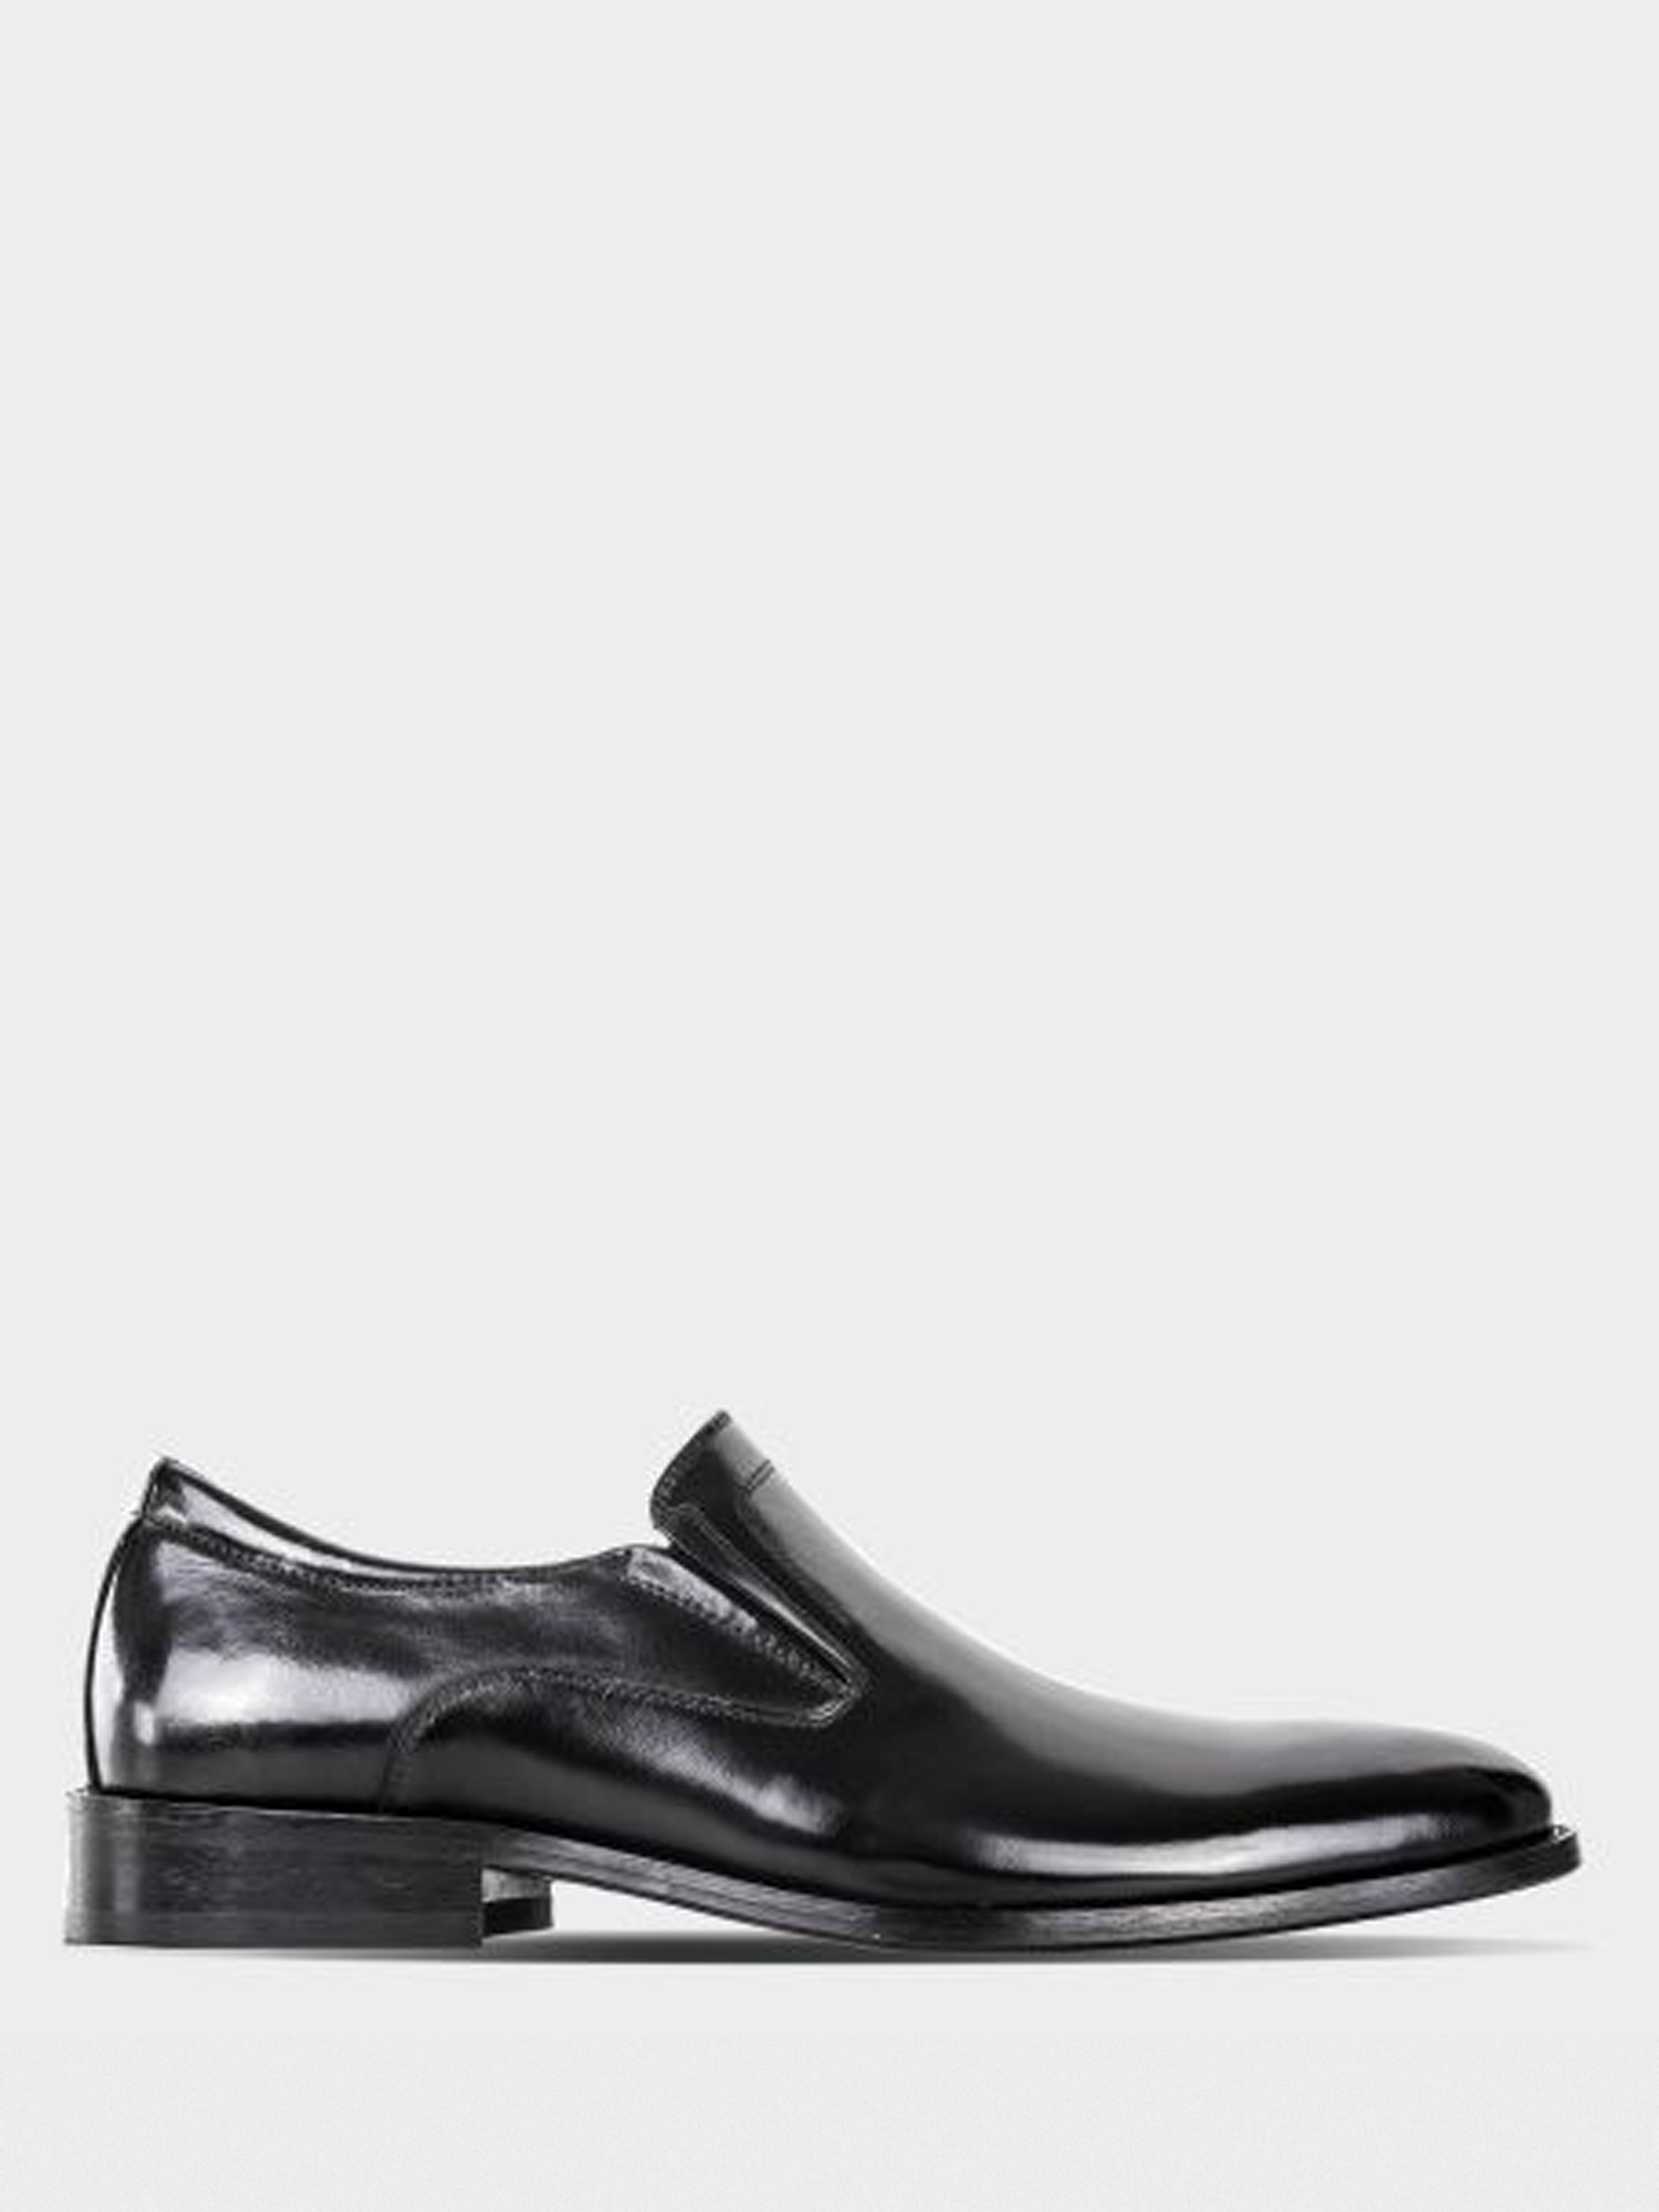 Туфли мужские Braska 923-8510/101 размерная сетка обуви, 2017